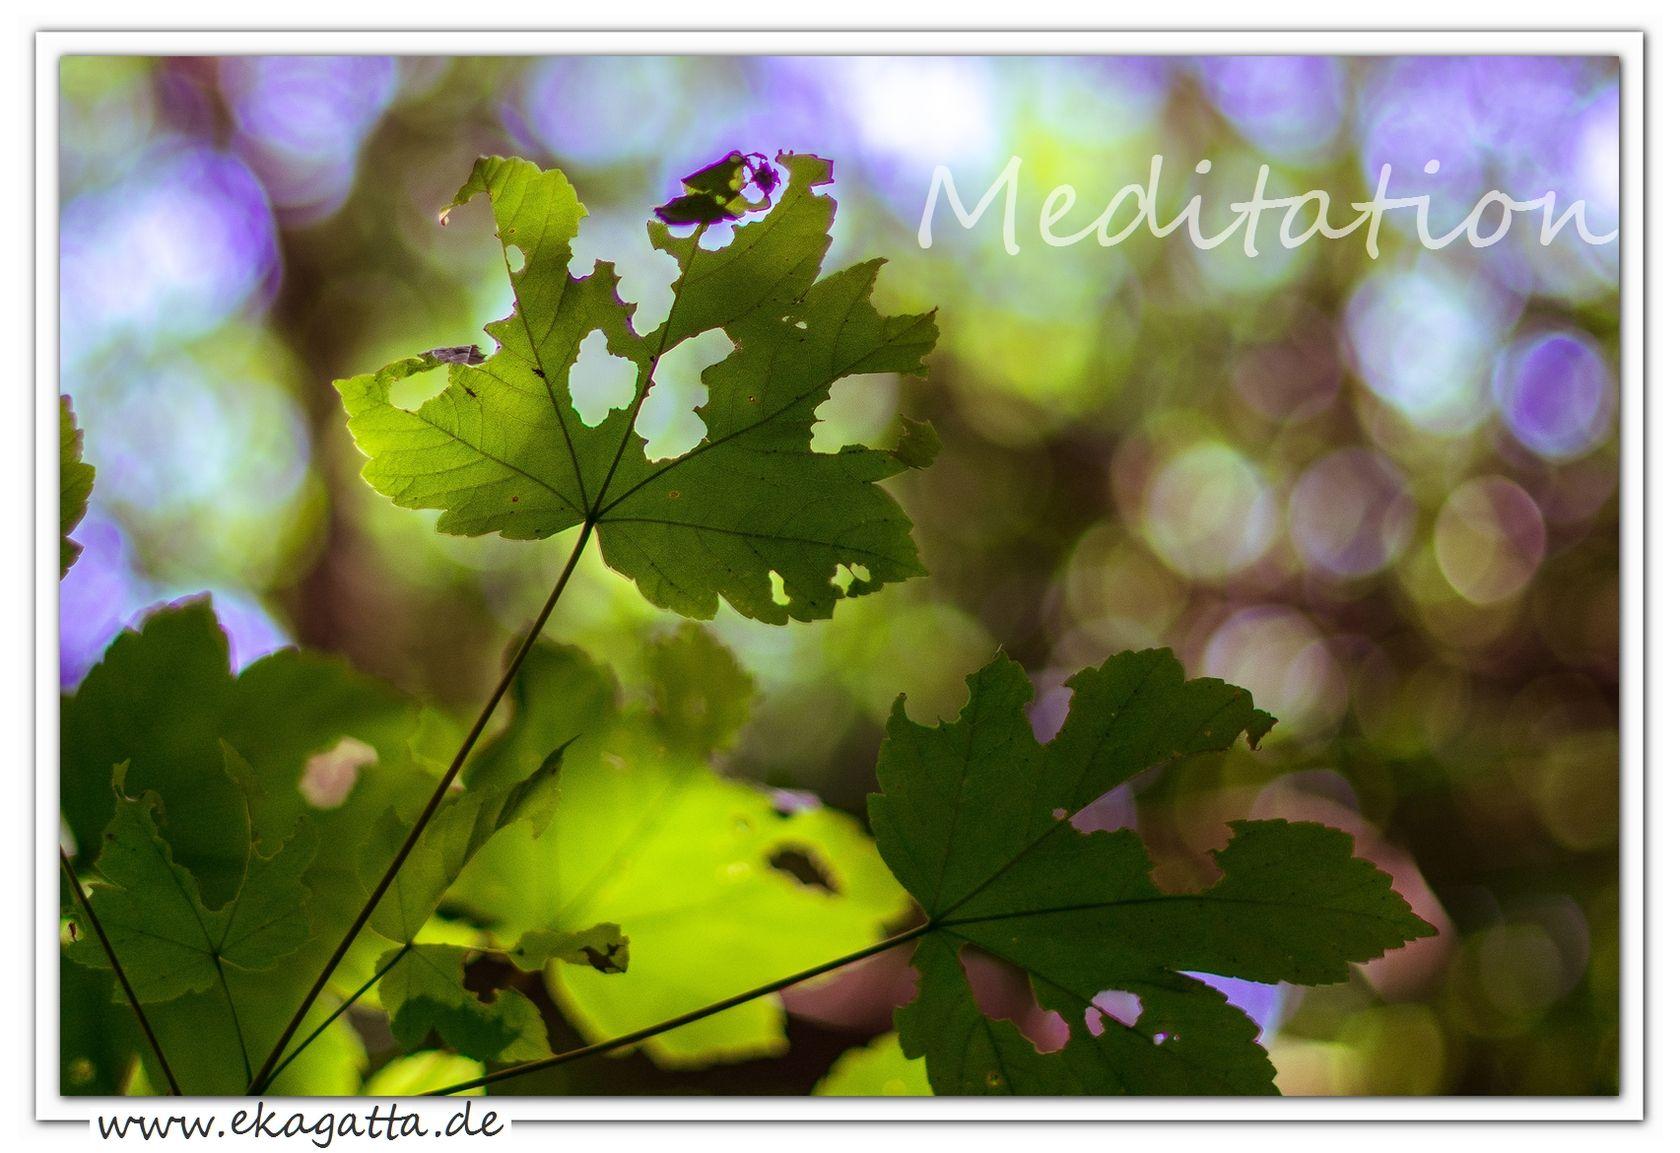 """Johann Wolfgang von Goethe: """" Meditation bringt uns in Berührung mit dem, was die Welt im Innersten zusammenhält."""" * www.ekagtta.de *"""